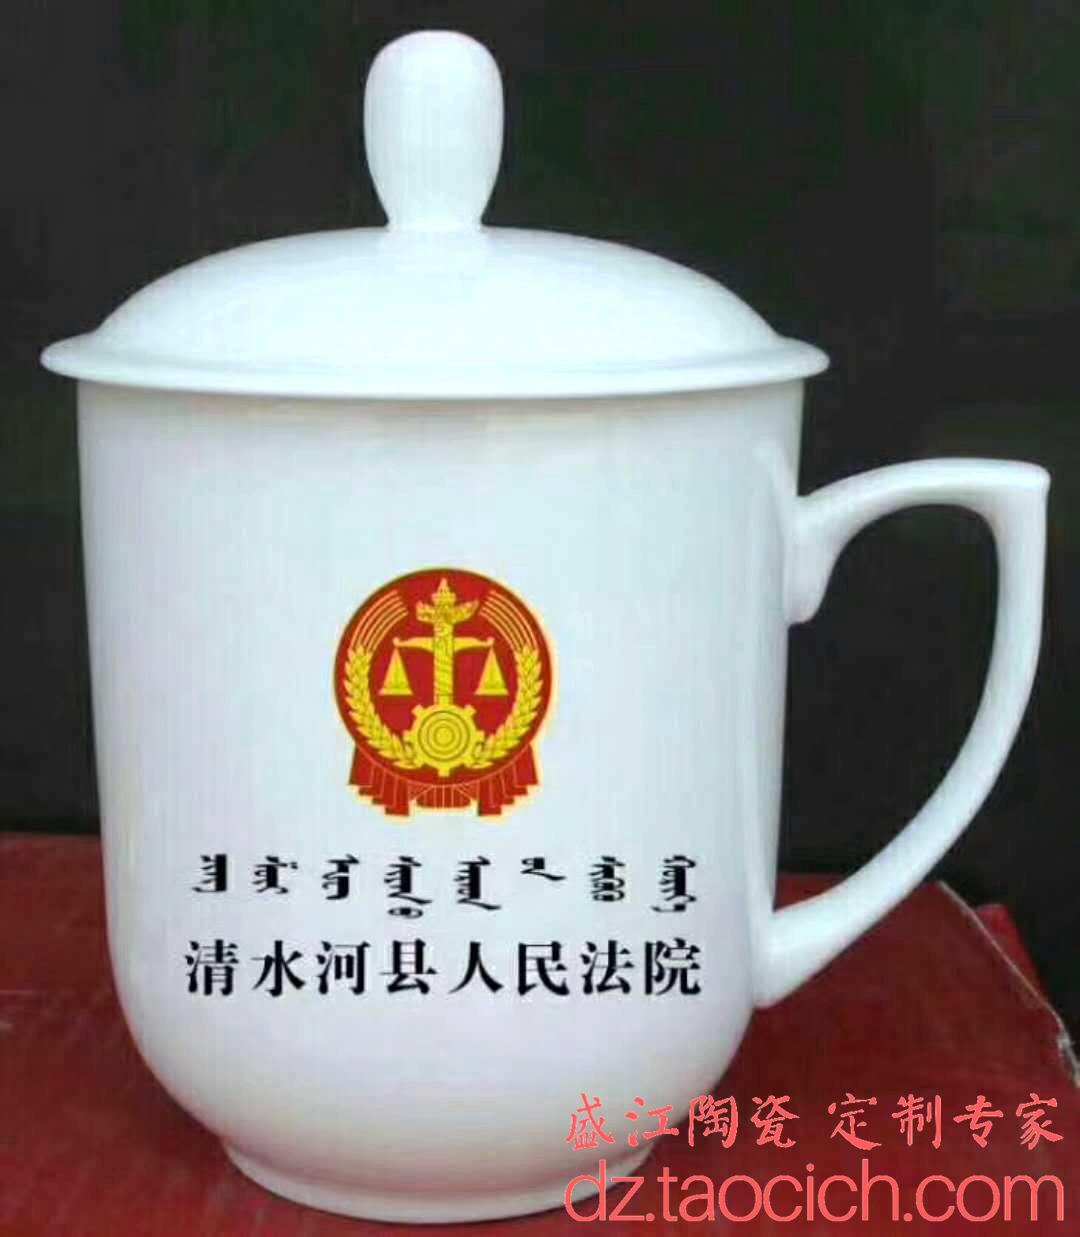 盛江陶瓷 清水河县人民法院办公杯定制成功案例